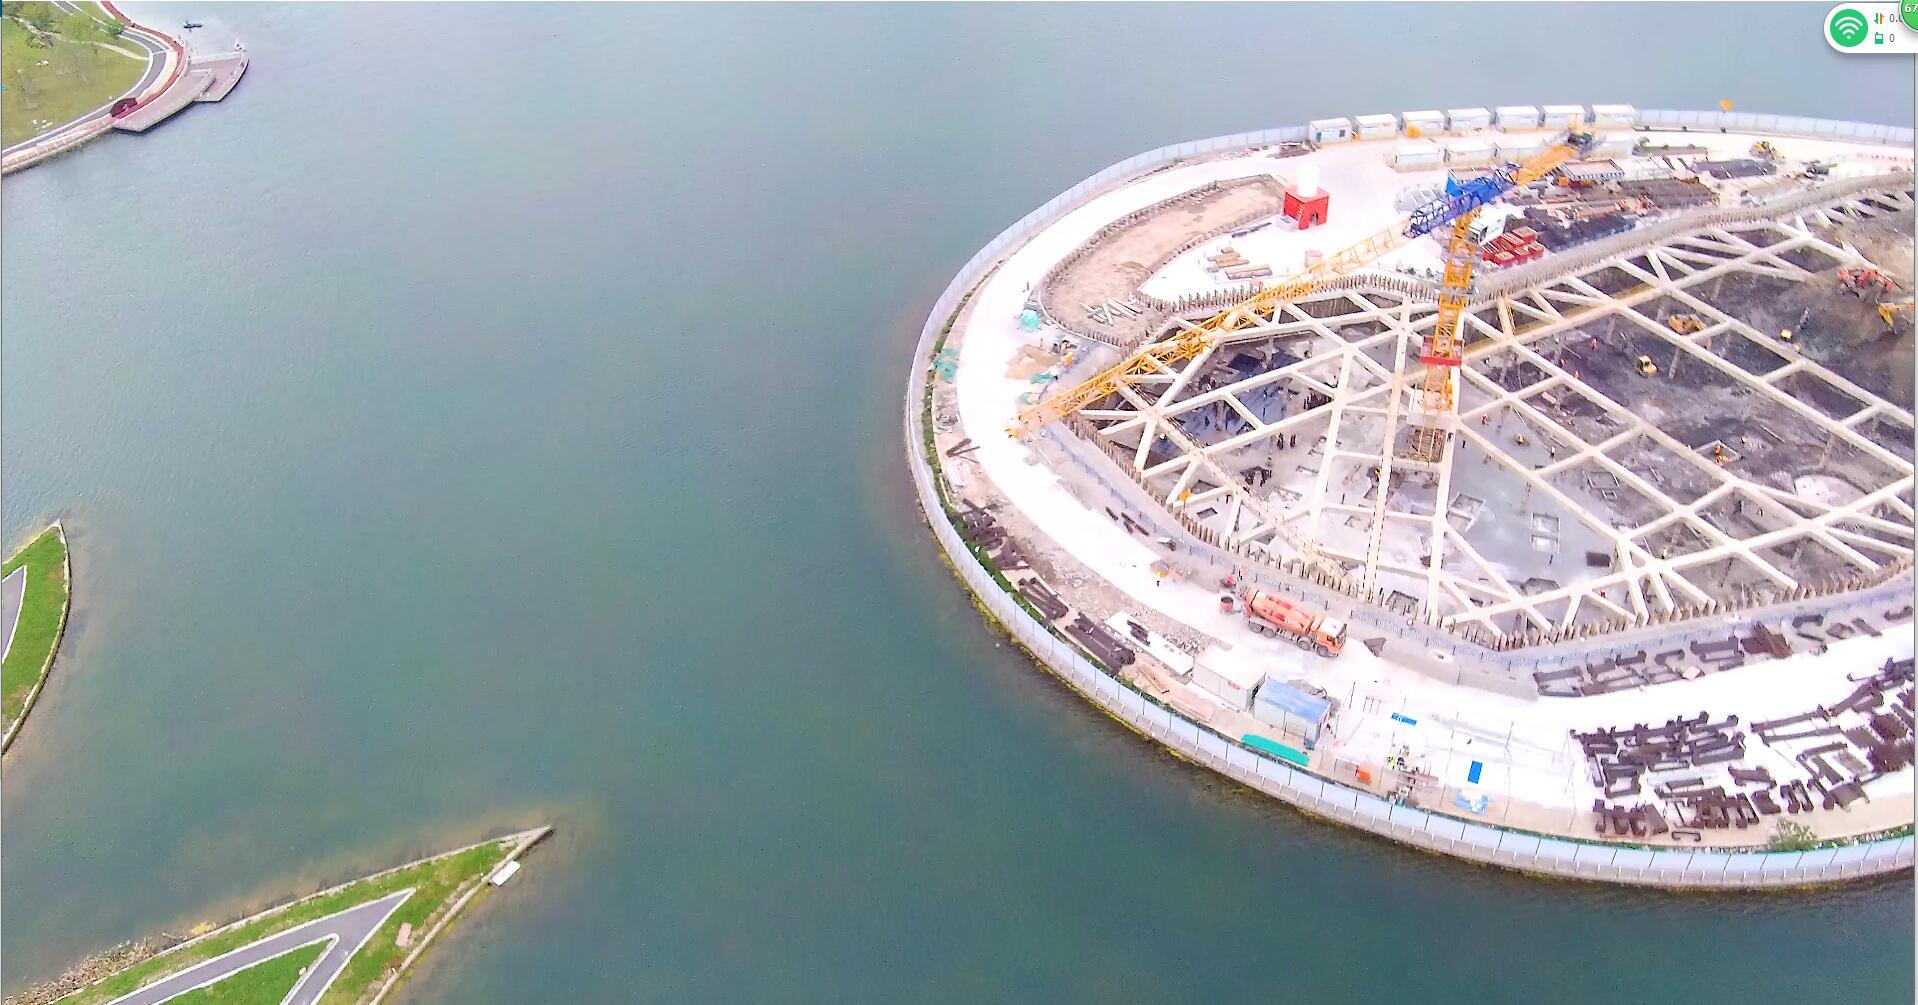 上海之鱼俯拍城市绿地规划建设